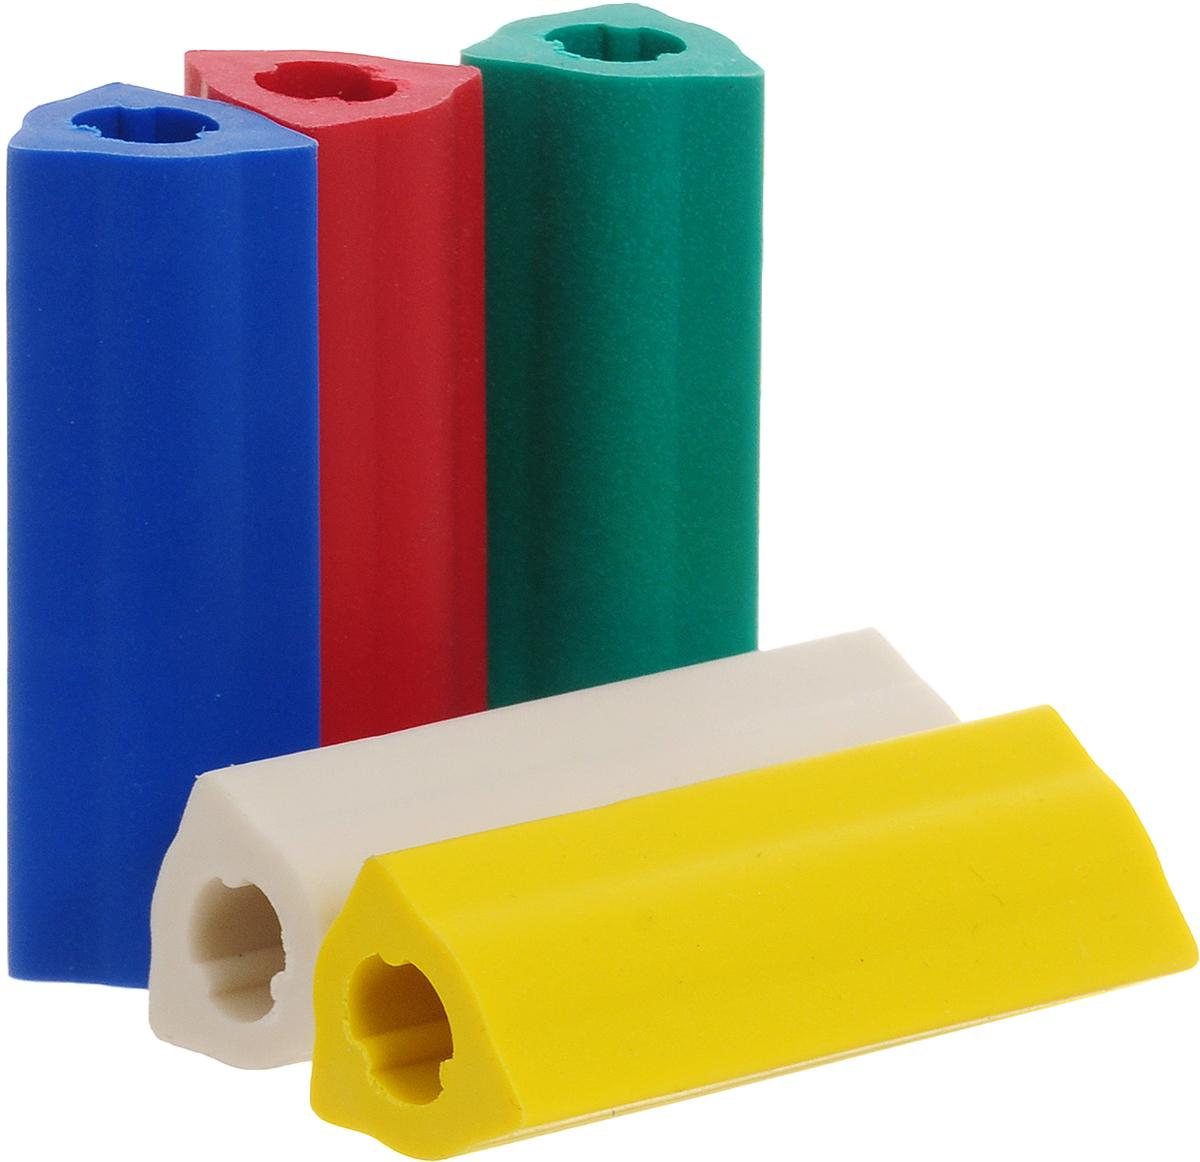 Faber-Castell Ластик-манжетка 5 шт185205Ластик Faber-Castell может быть использован в качестве манжетки для карандашей. У ластика эргономичная трехгранная форма, не содержит ПВХ.